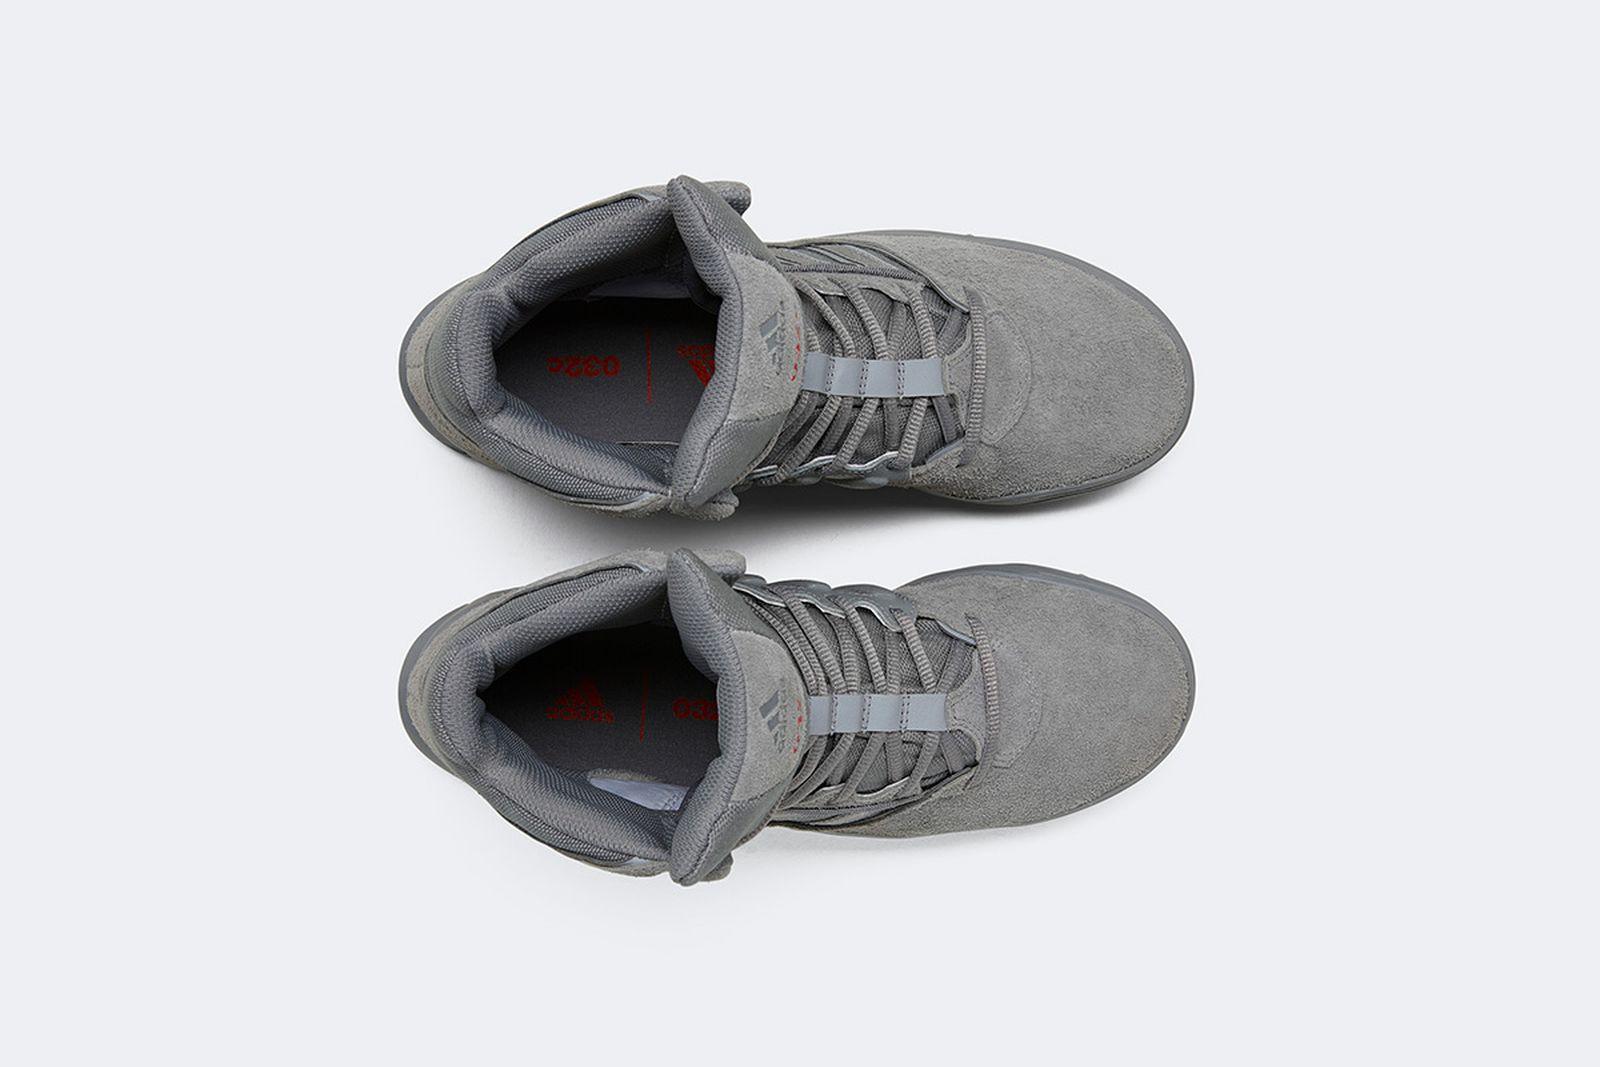 032c adidas originals gsg9 release date price product adidas originals GSG9.2